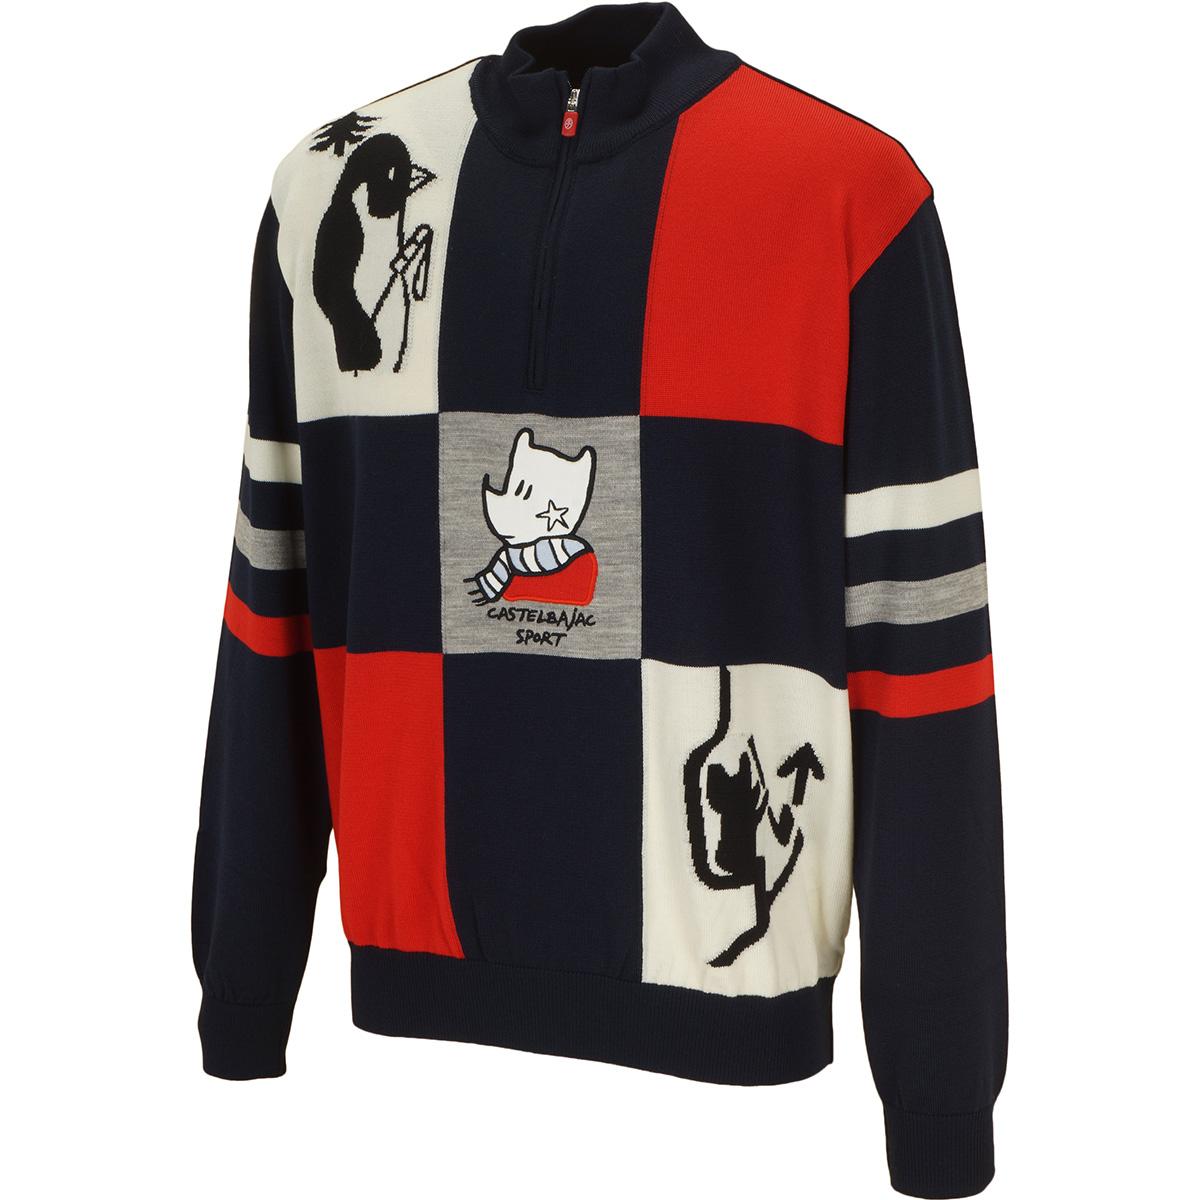 ウール配色ジャカード刺繍入りハーフジップセーター